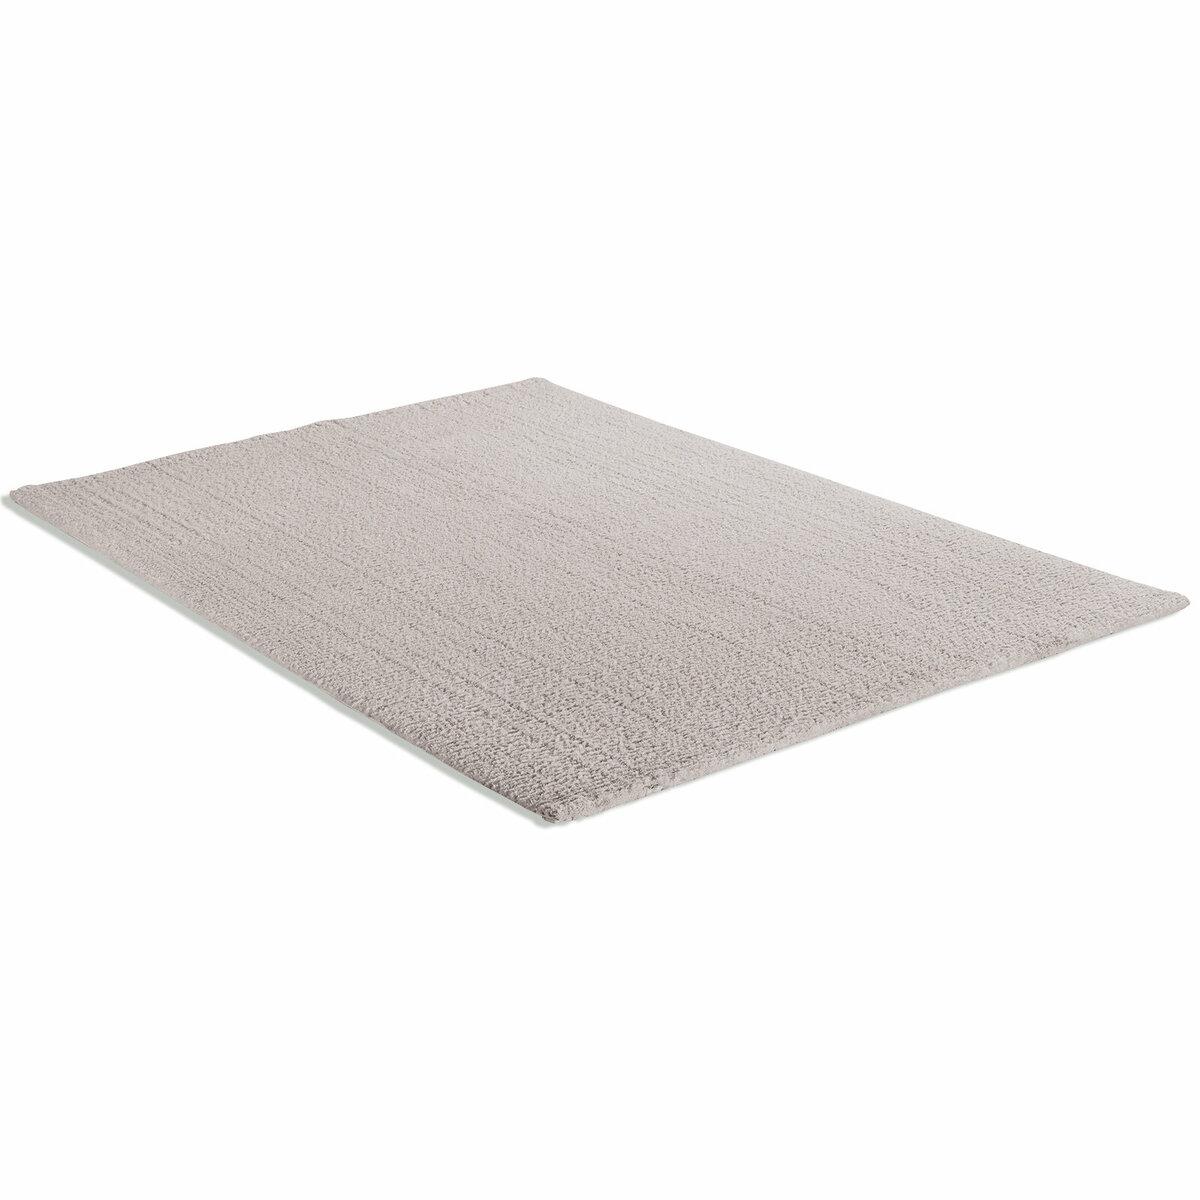 Bild 2 von Teppich TORONTO - weiß - 120x170 cm